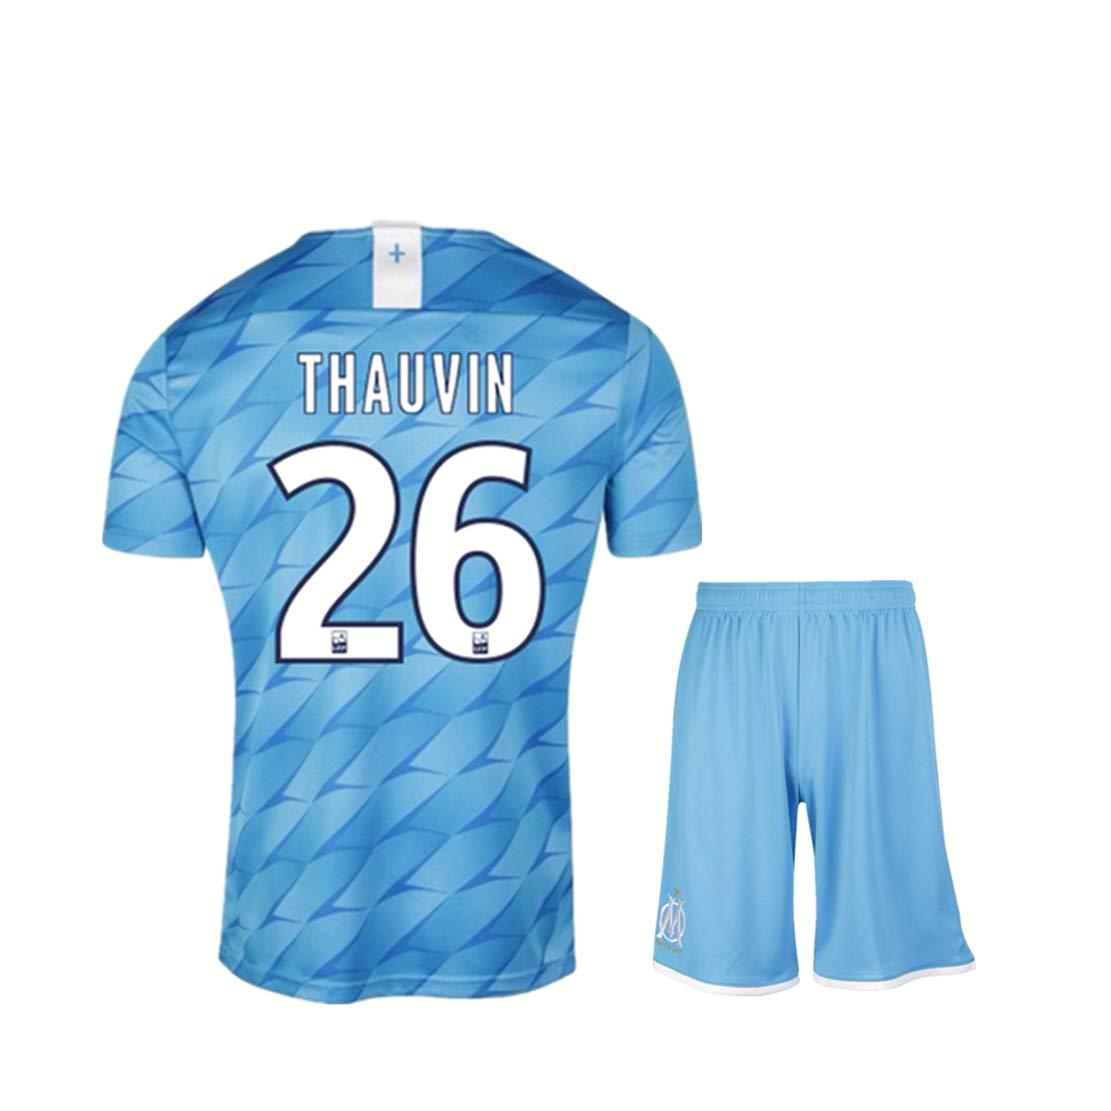 Rayuwen Maillot Foot Club Formation De Football De L/éCole Kit #26 Florian Thauvin Sweat Jersey Tops V/êTements pour Jeunes Adultes